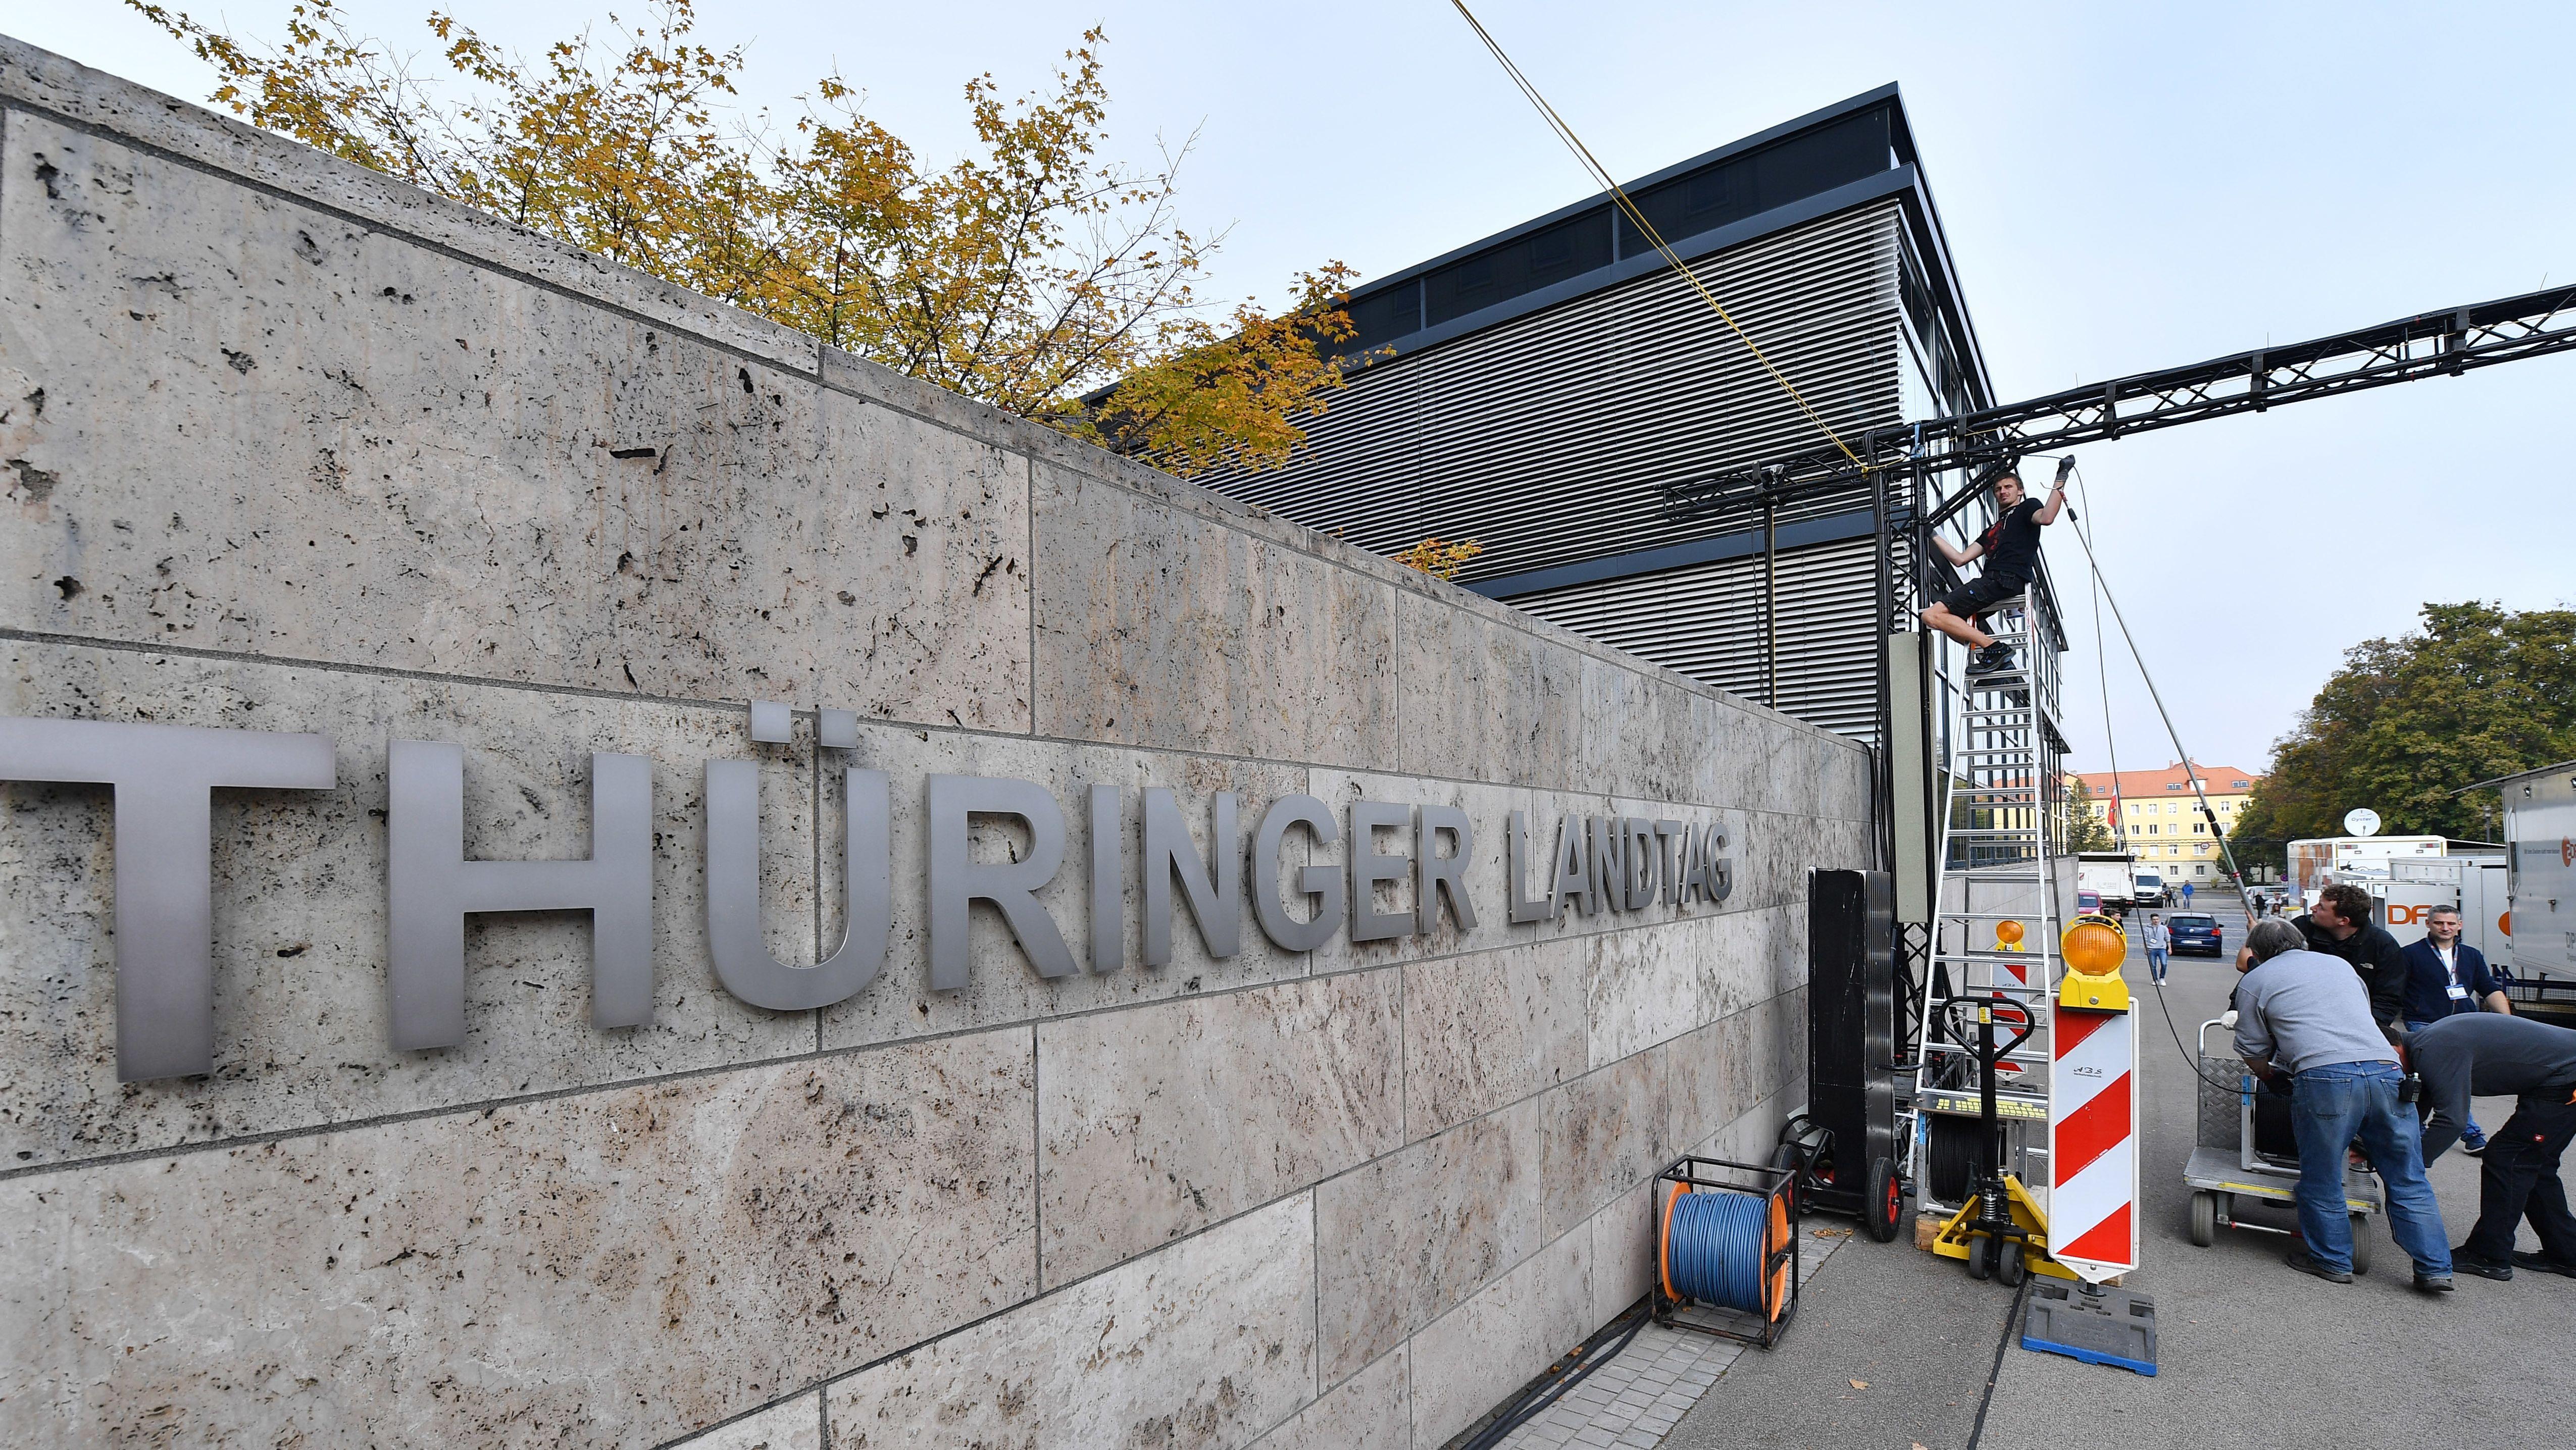 Erfurt: Kabel werden am Thüringer Landtag gezogen. Am 27. Oktober finden im Freistaat die Landtagswahlen statt.